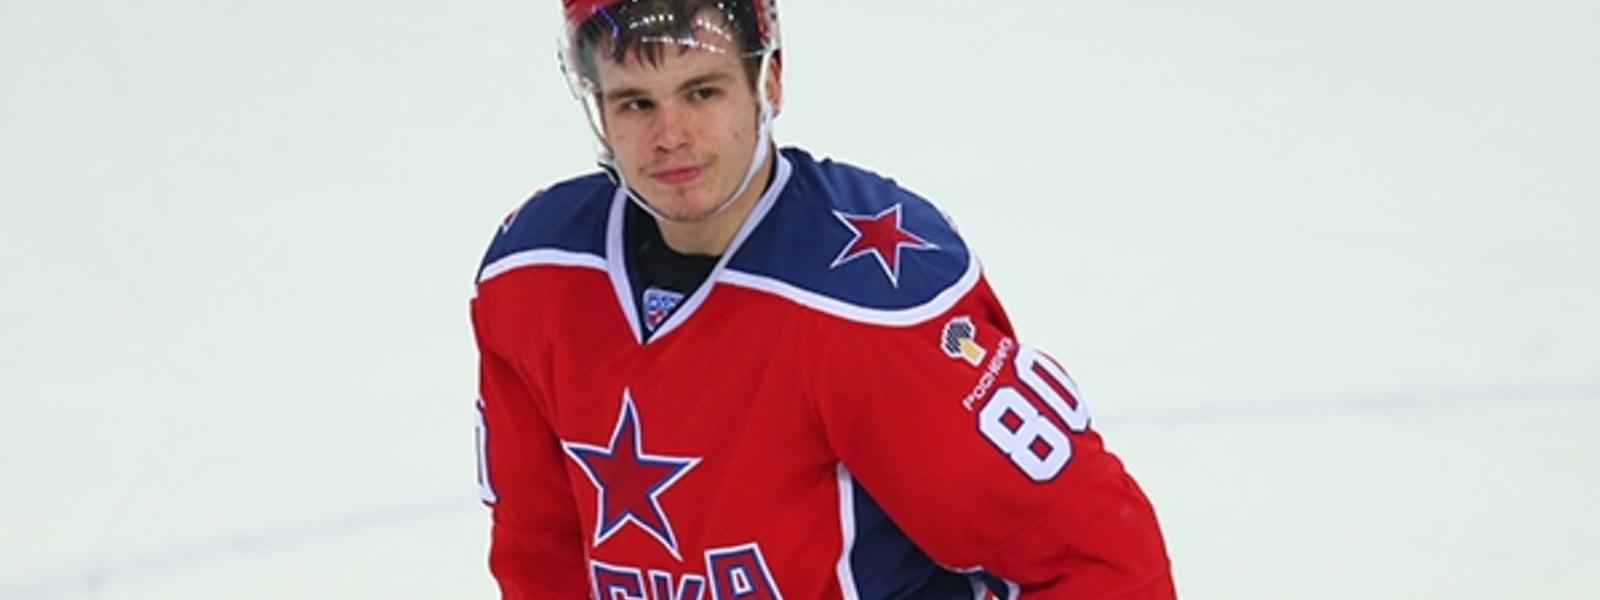 Никита Квартальнов покидает ЦСКА RBWorld.org